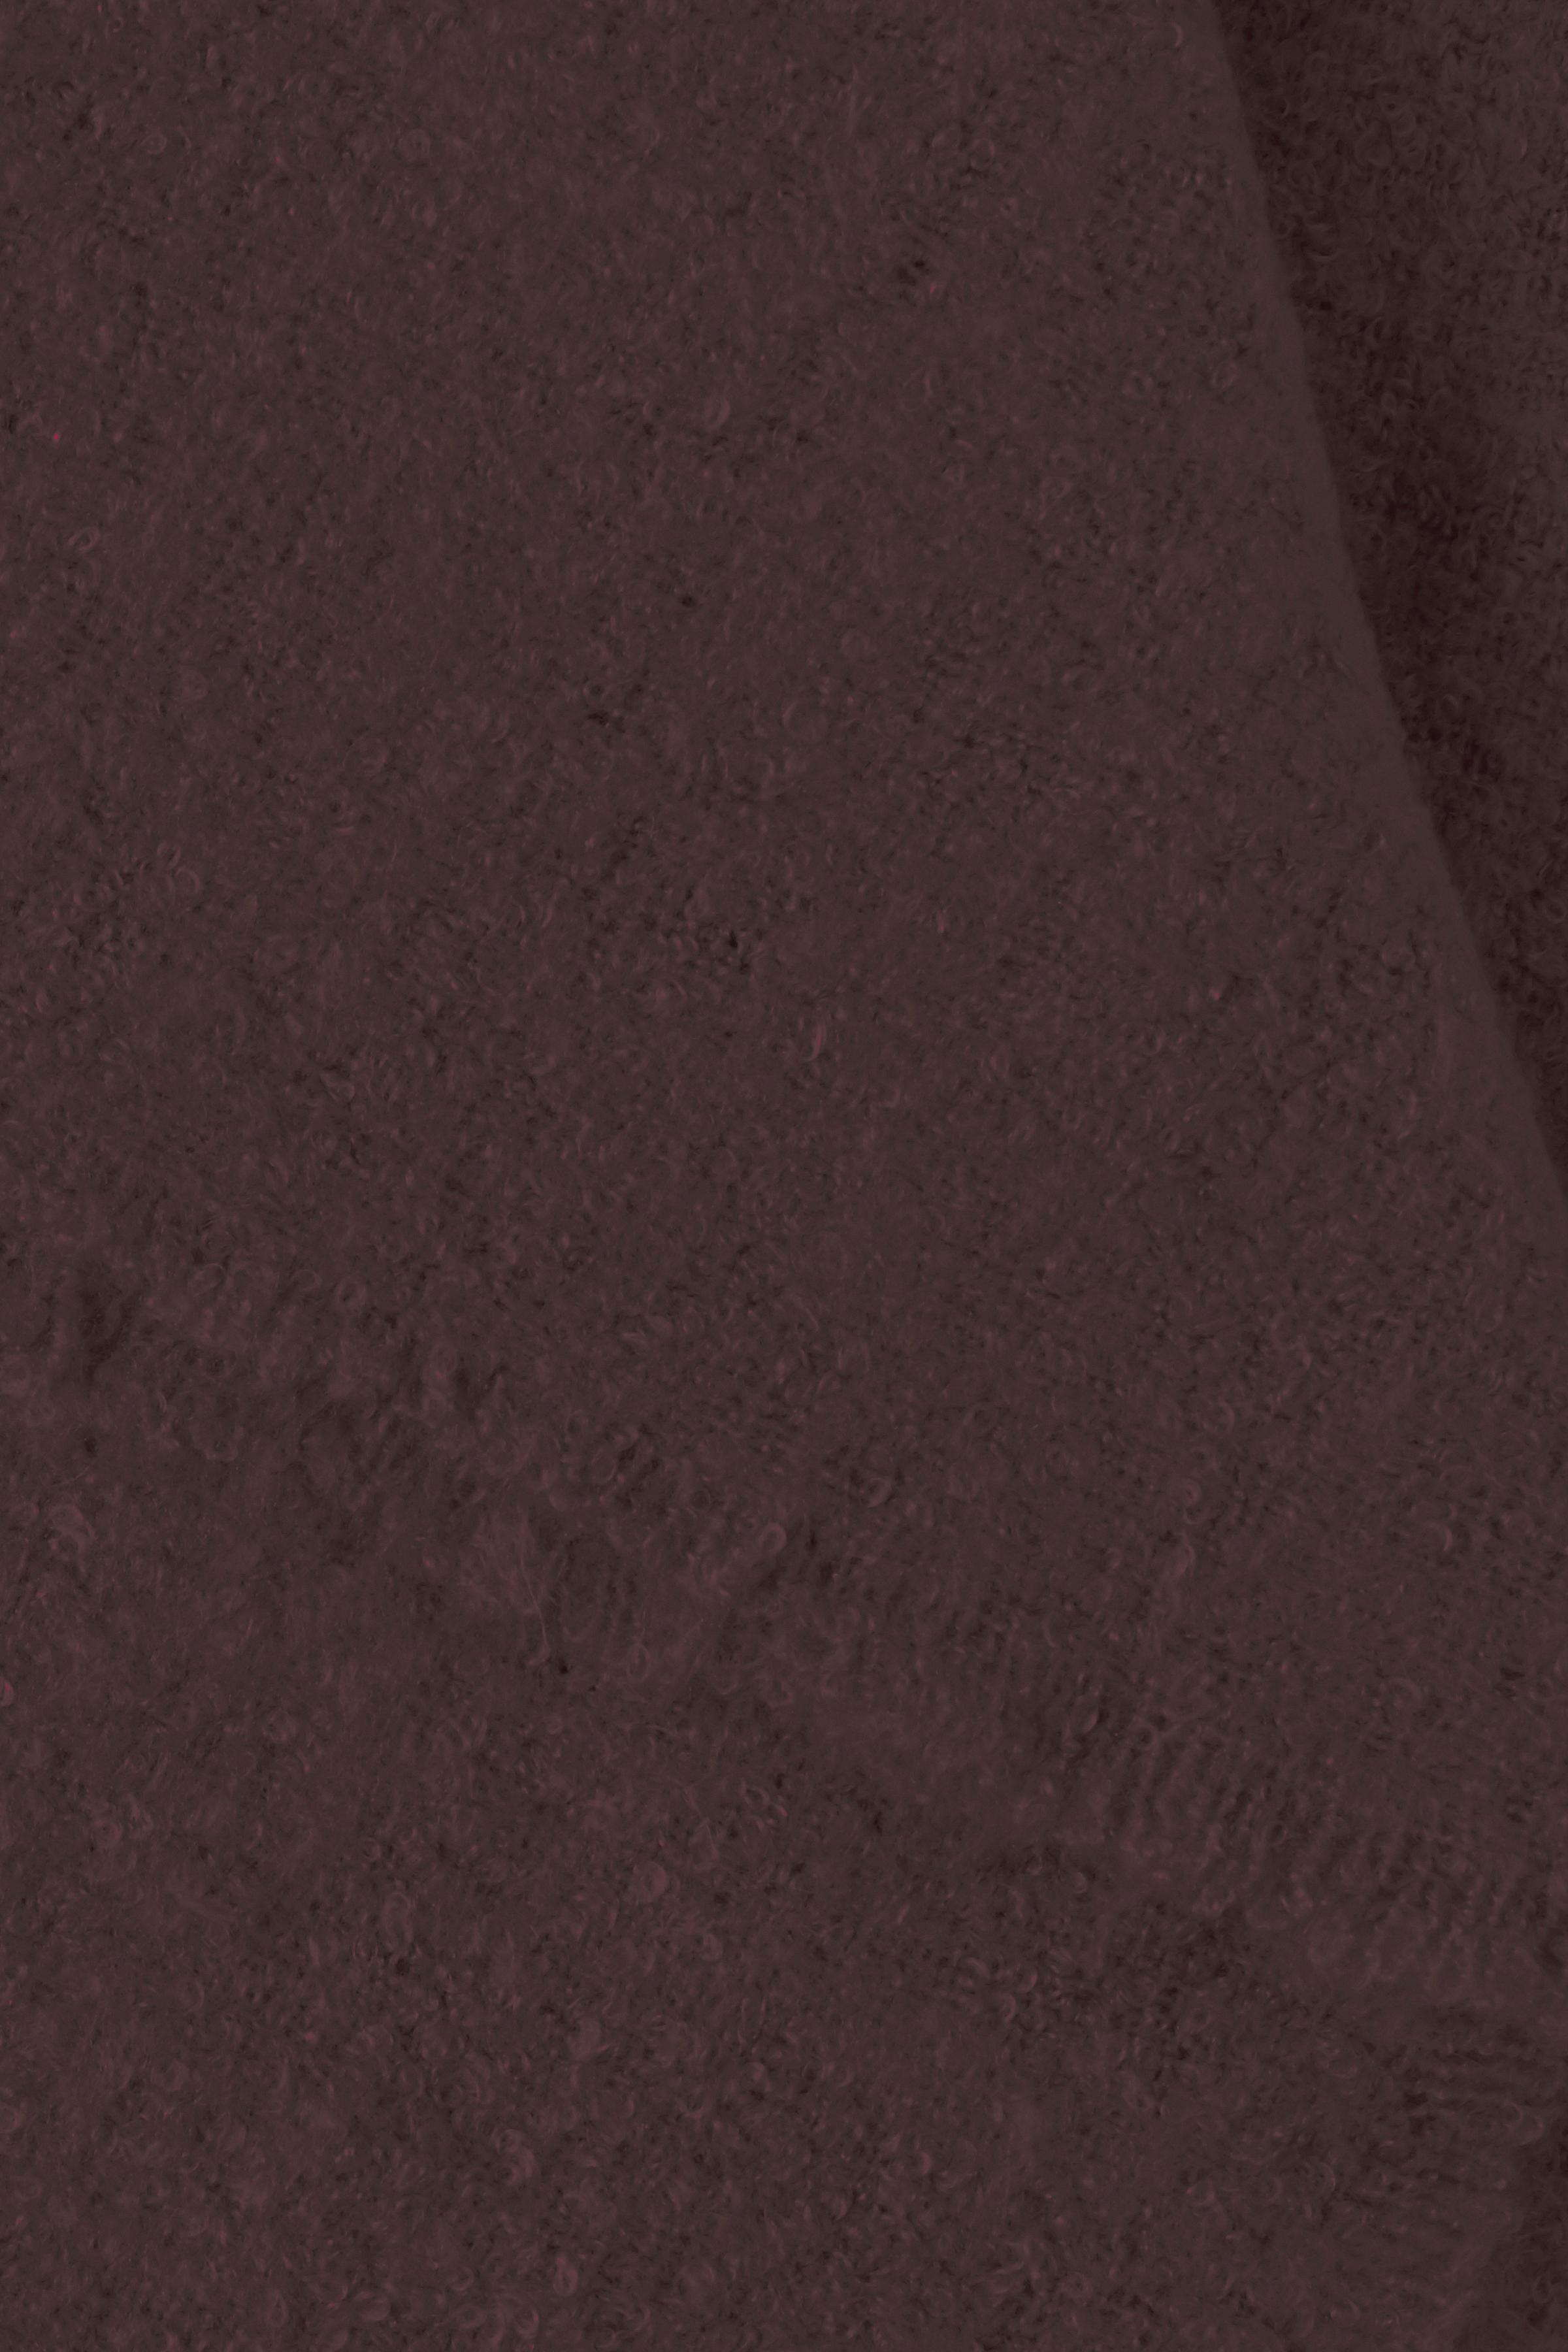 Mörkbrun Scarf från Ichi - accessories – Köp Mörkbrun Scarf från stl. ONE här